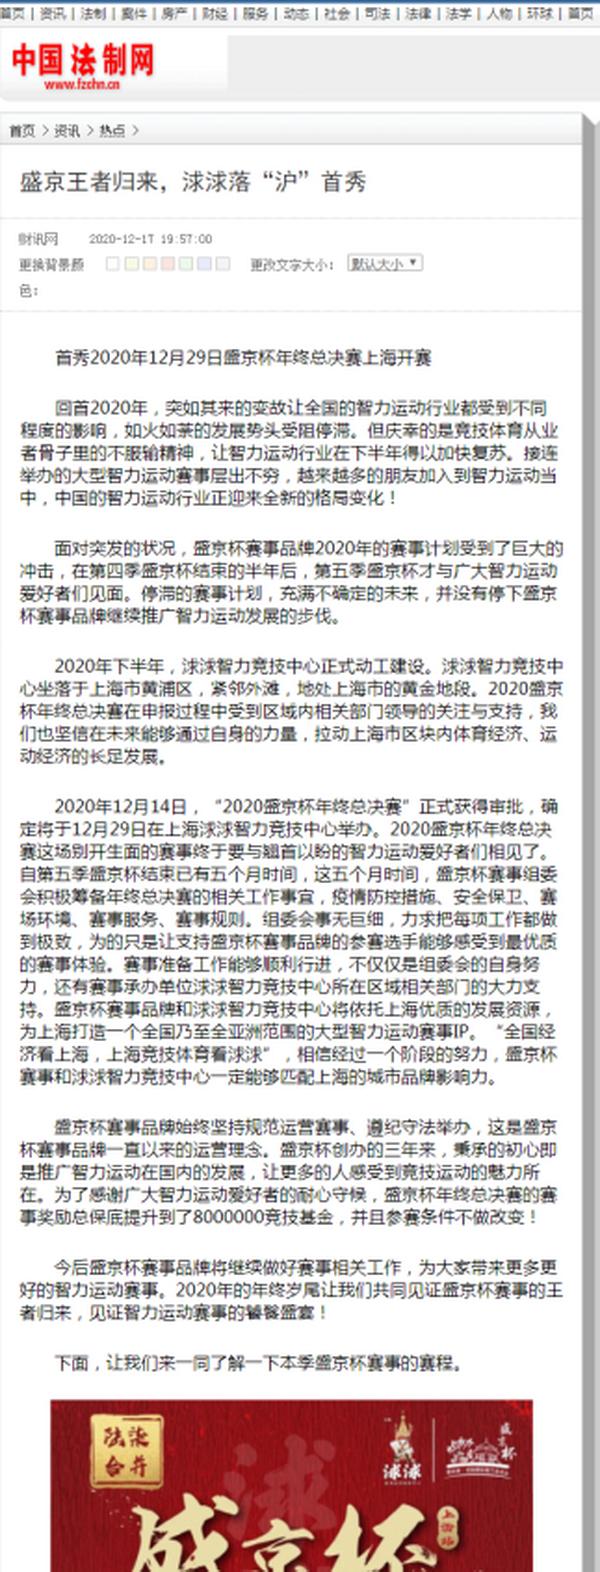 【蜗牛扑克】中国法律网、中国法制网共同宣发!今日头条首页推荐,盛京杯华丽回归!